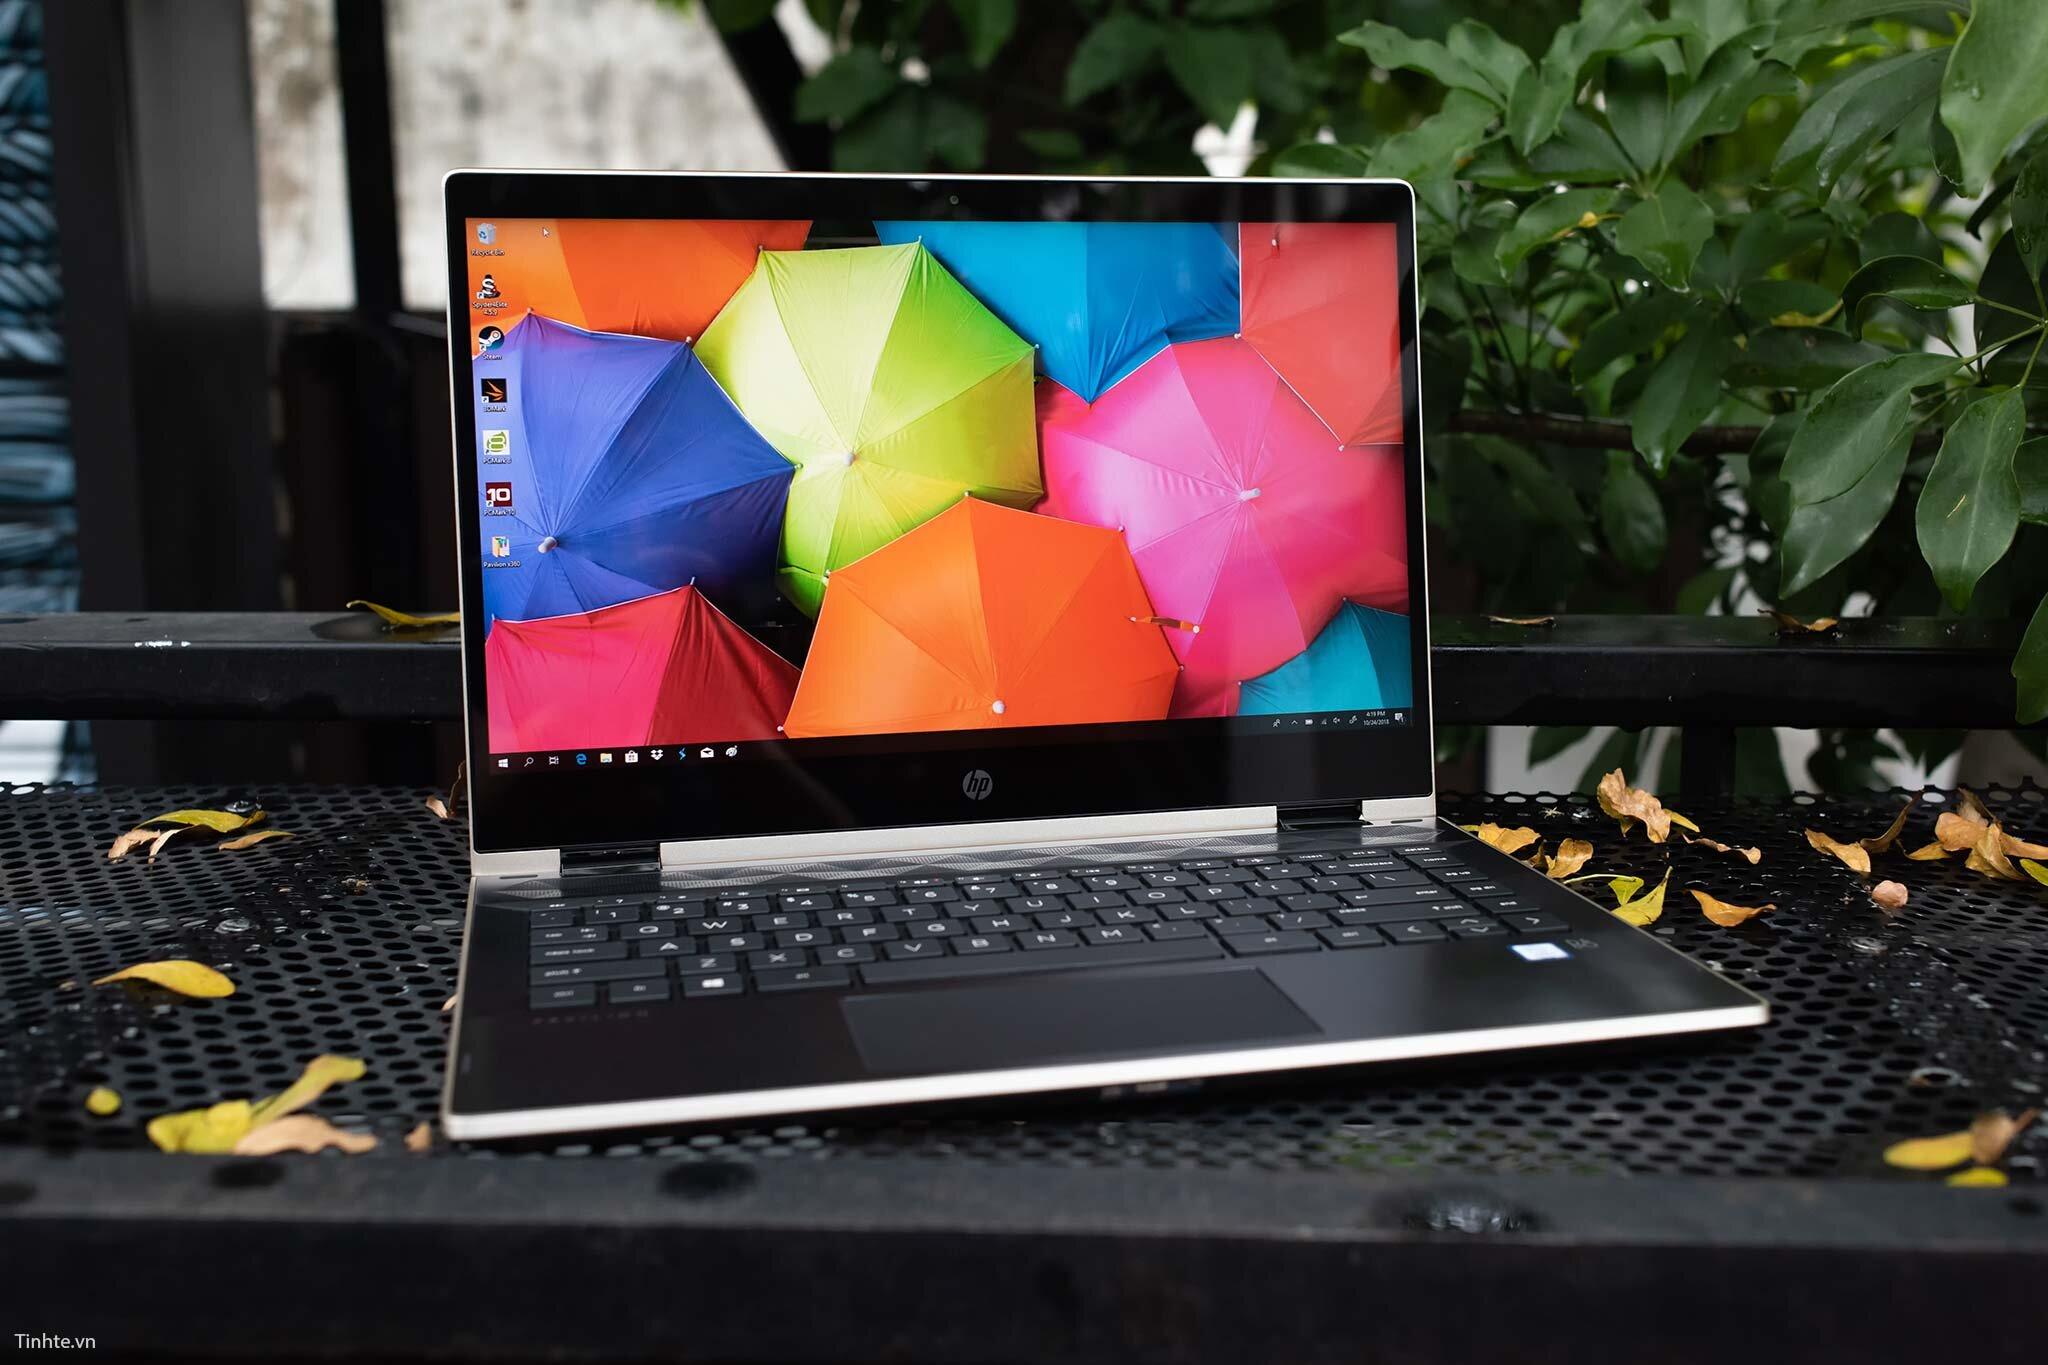 HP Pavilion x360 14-cd0084TU với màu sắc trẻ trung không kém phần hiện đại, tinh tế